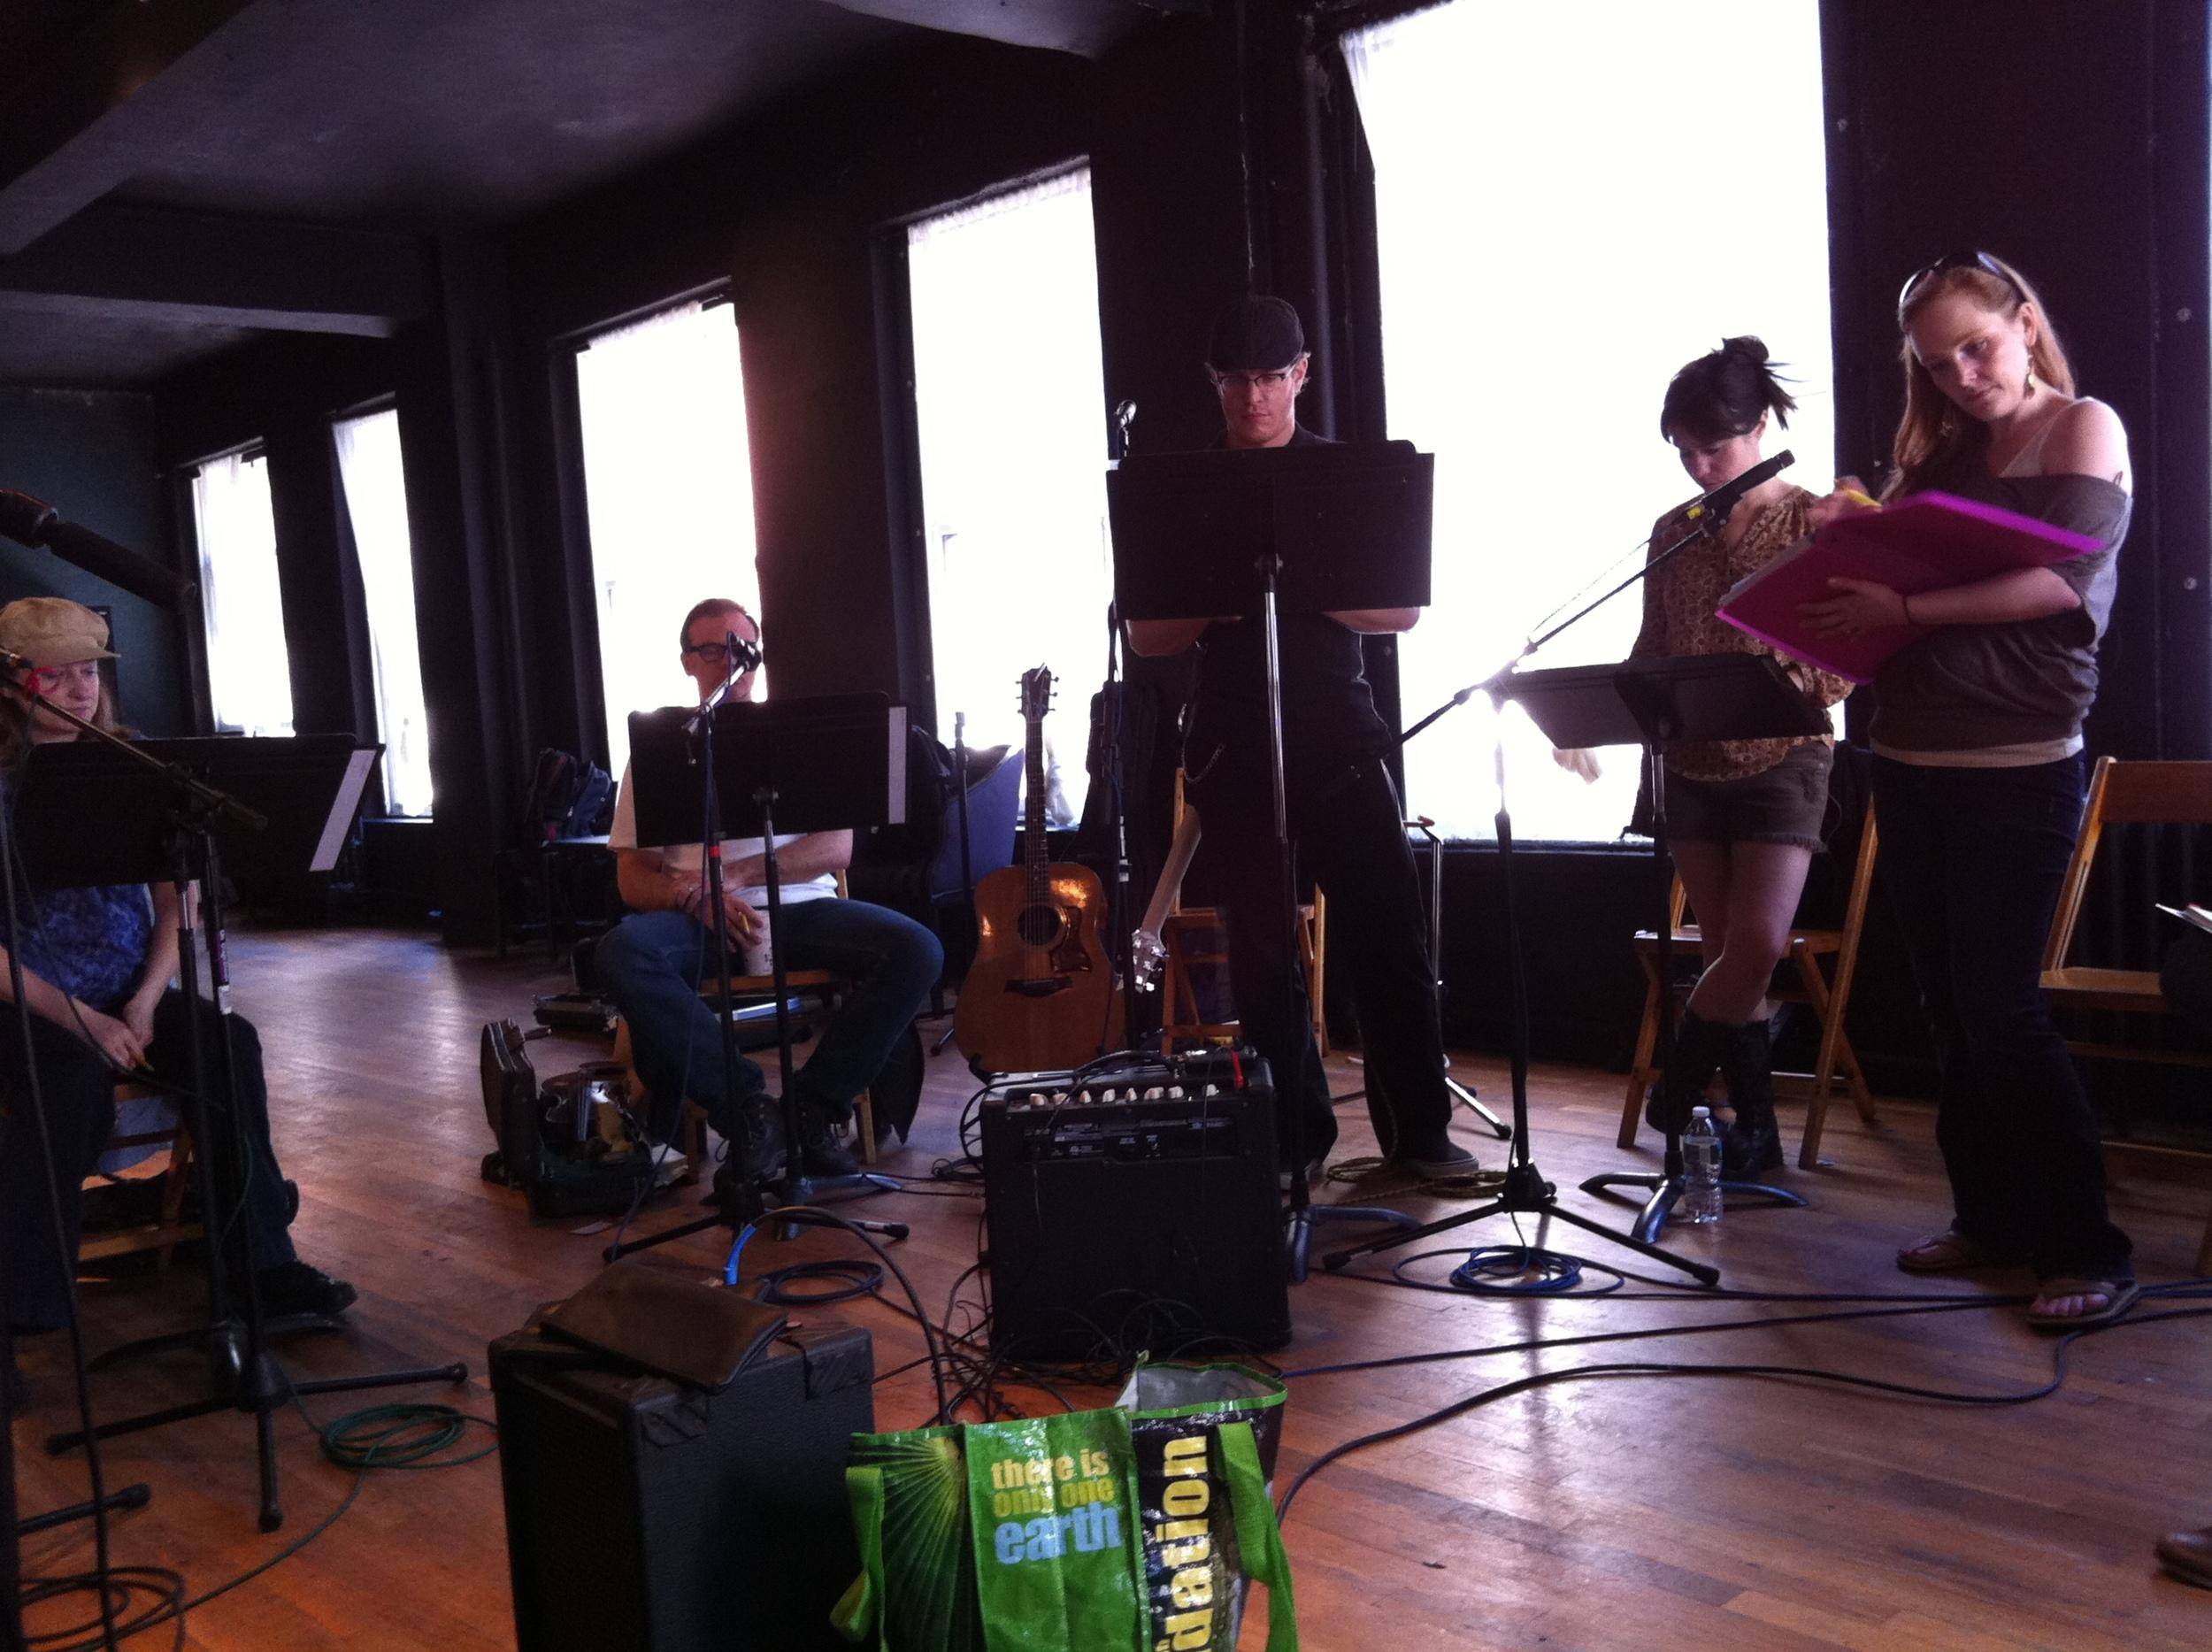 Rehearsing Son of a Gun - NYC guitarist Cameron Mizell